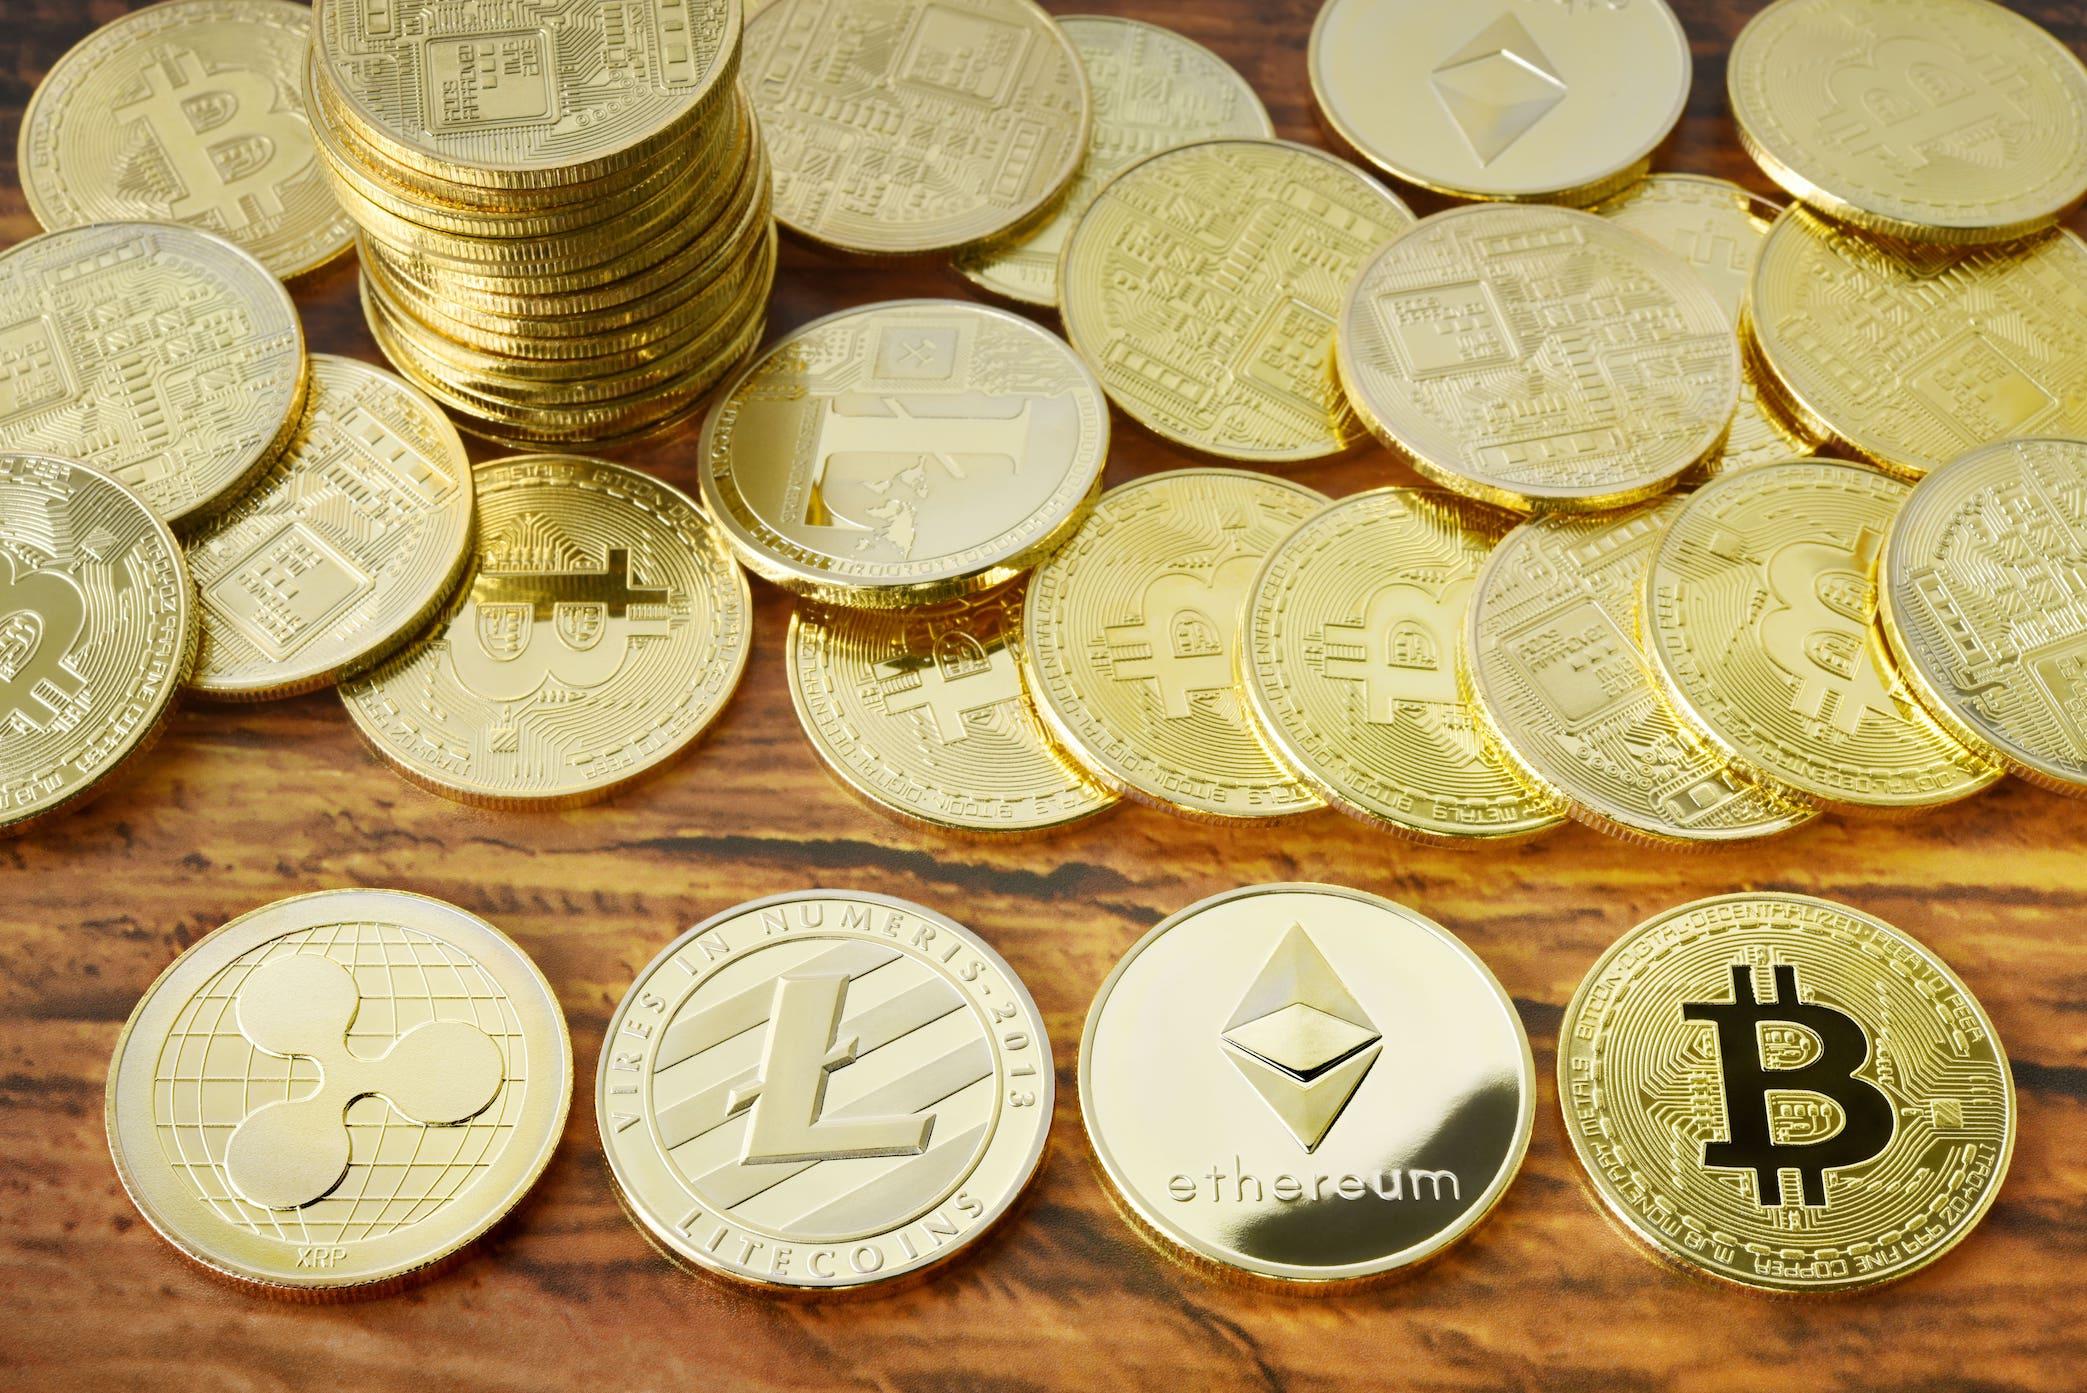 仮想通貨が便利なのはどういう時?メリット・デメリットを解説